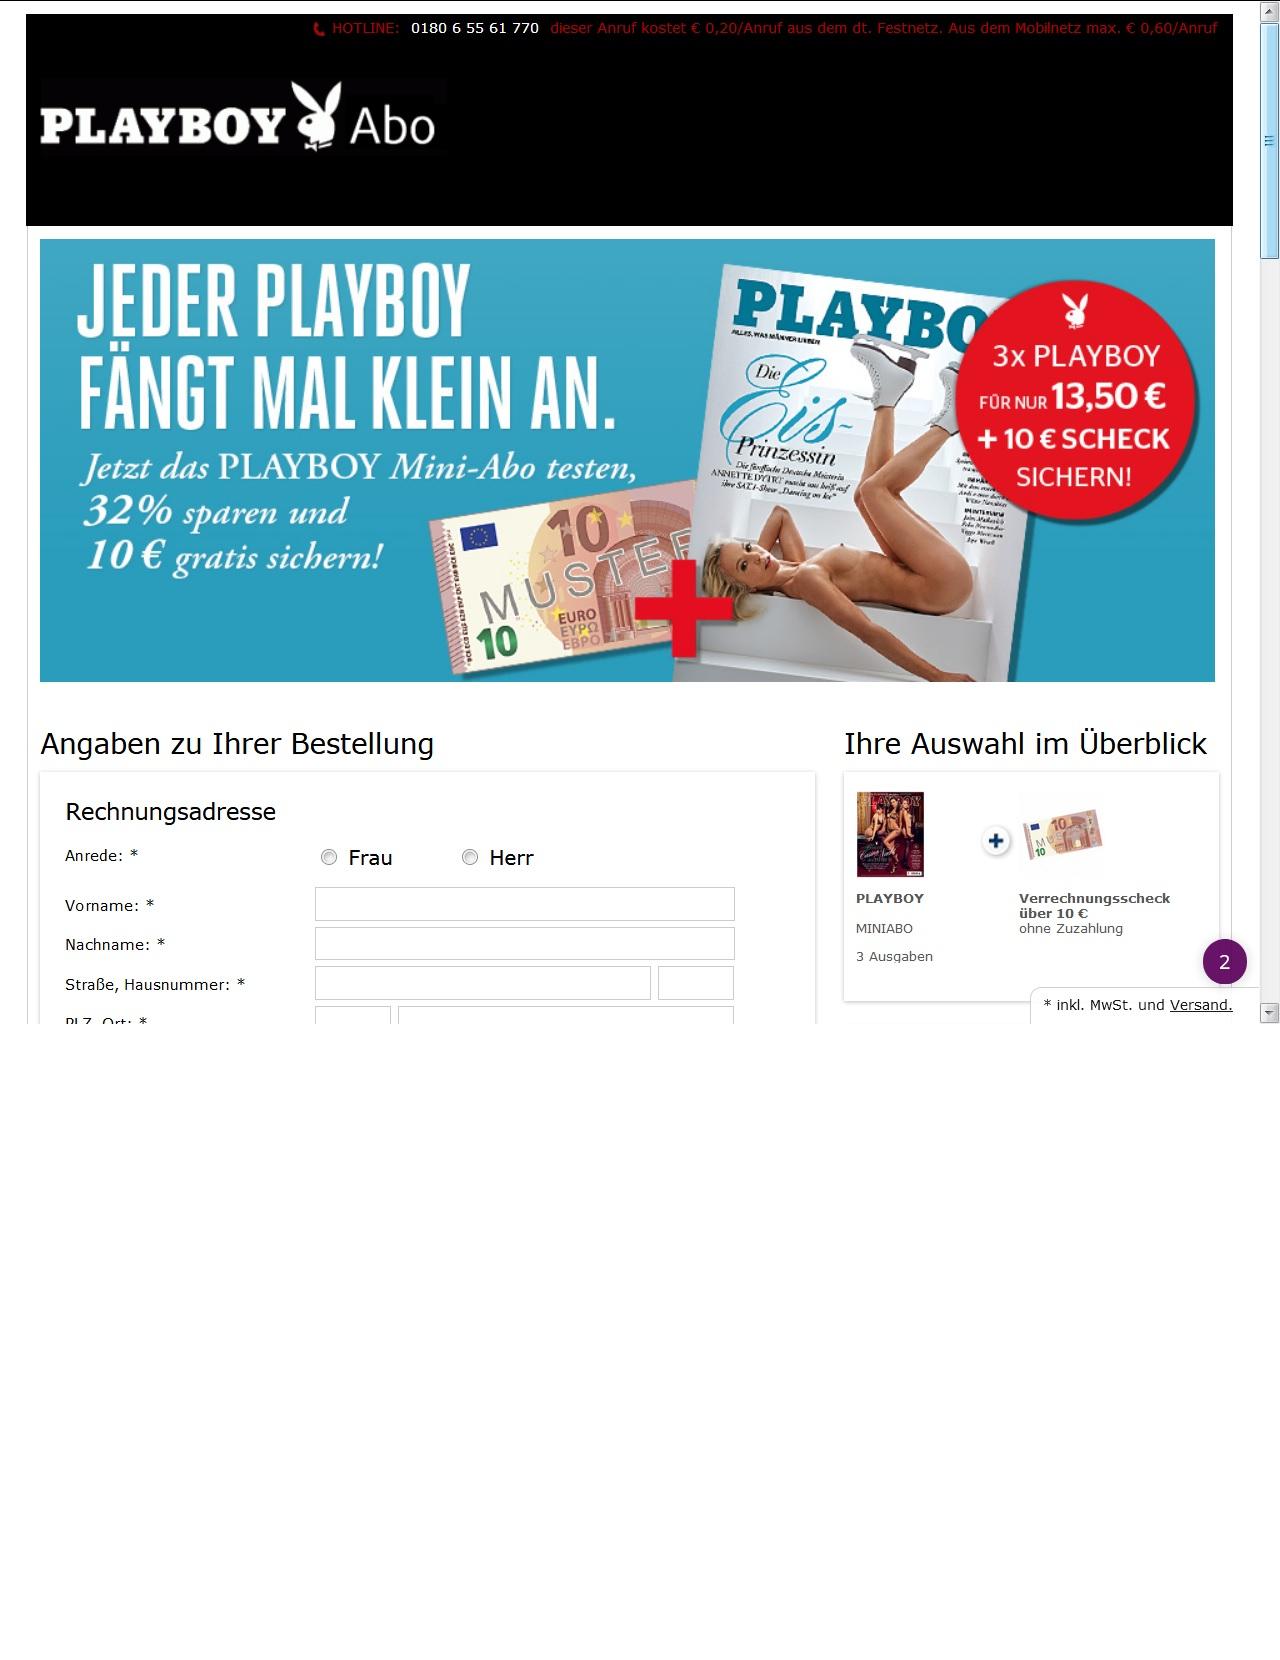 3x Playboy und 10 Euro-Scheck für 13,50 Euro